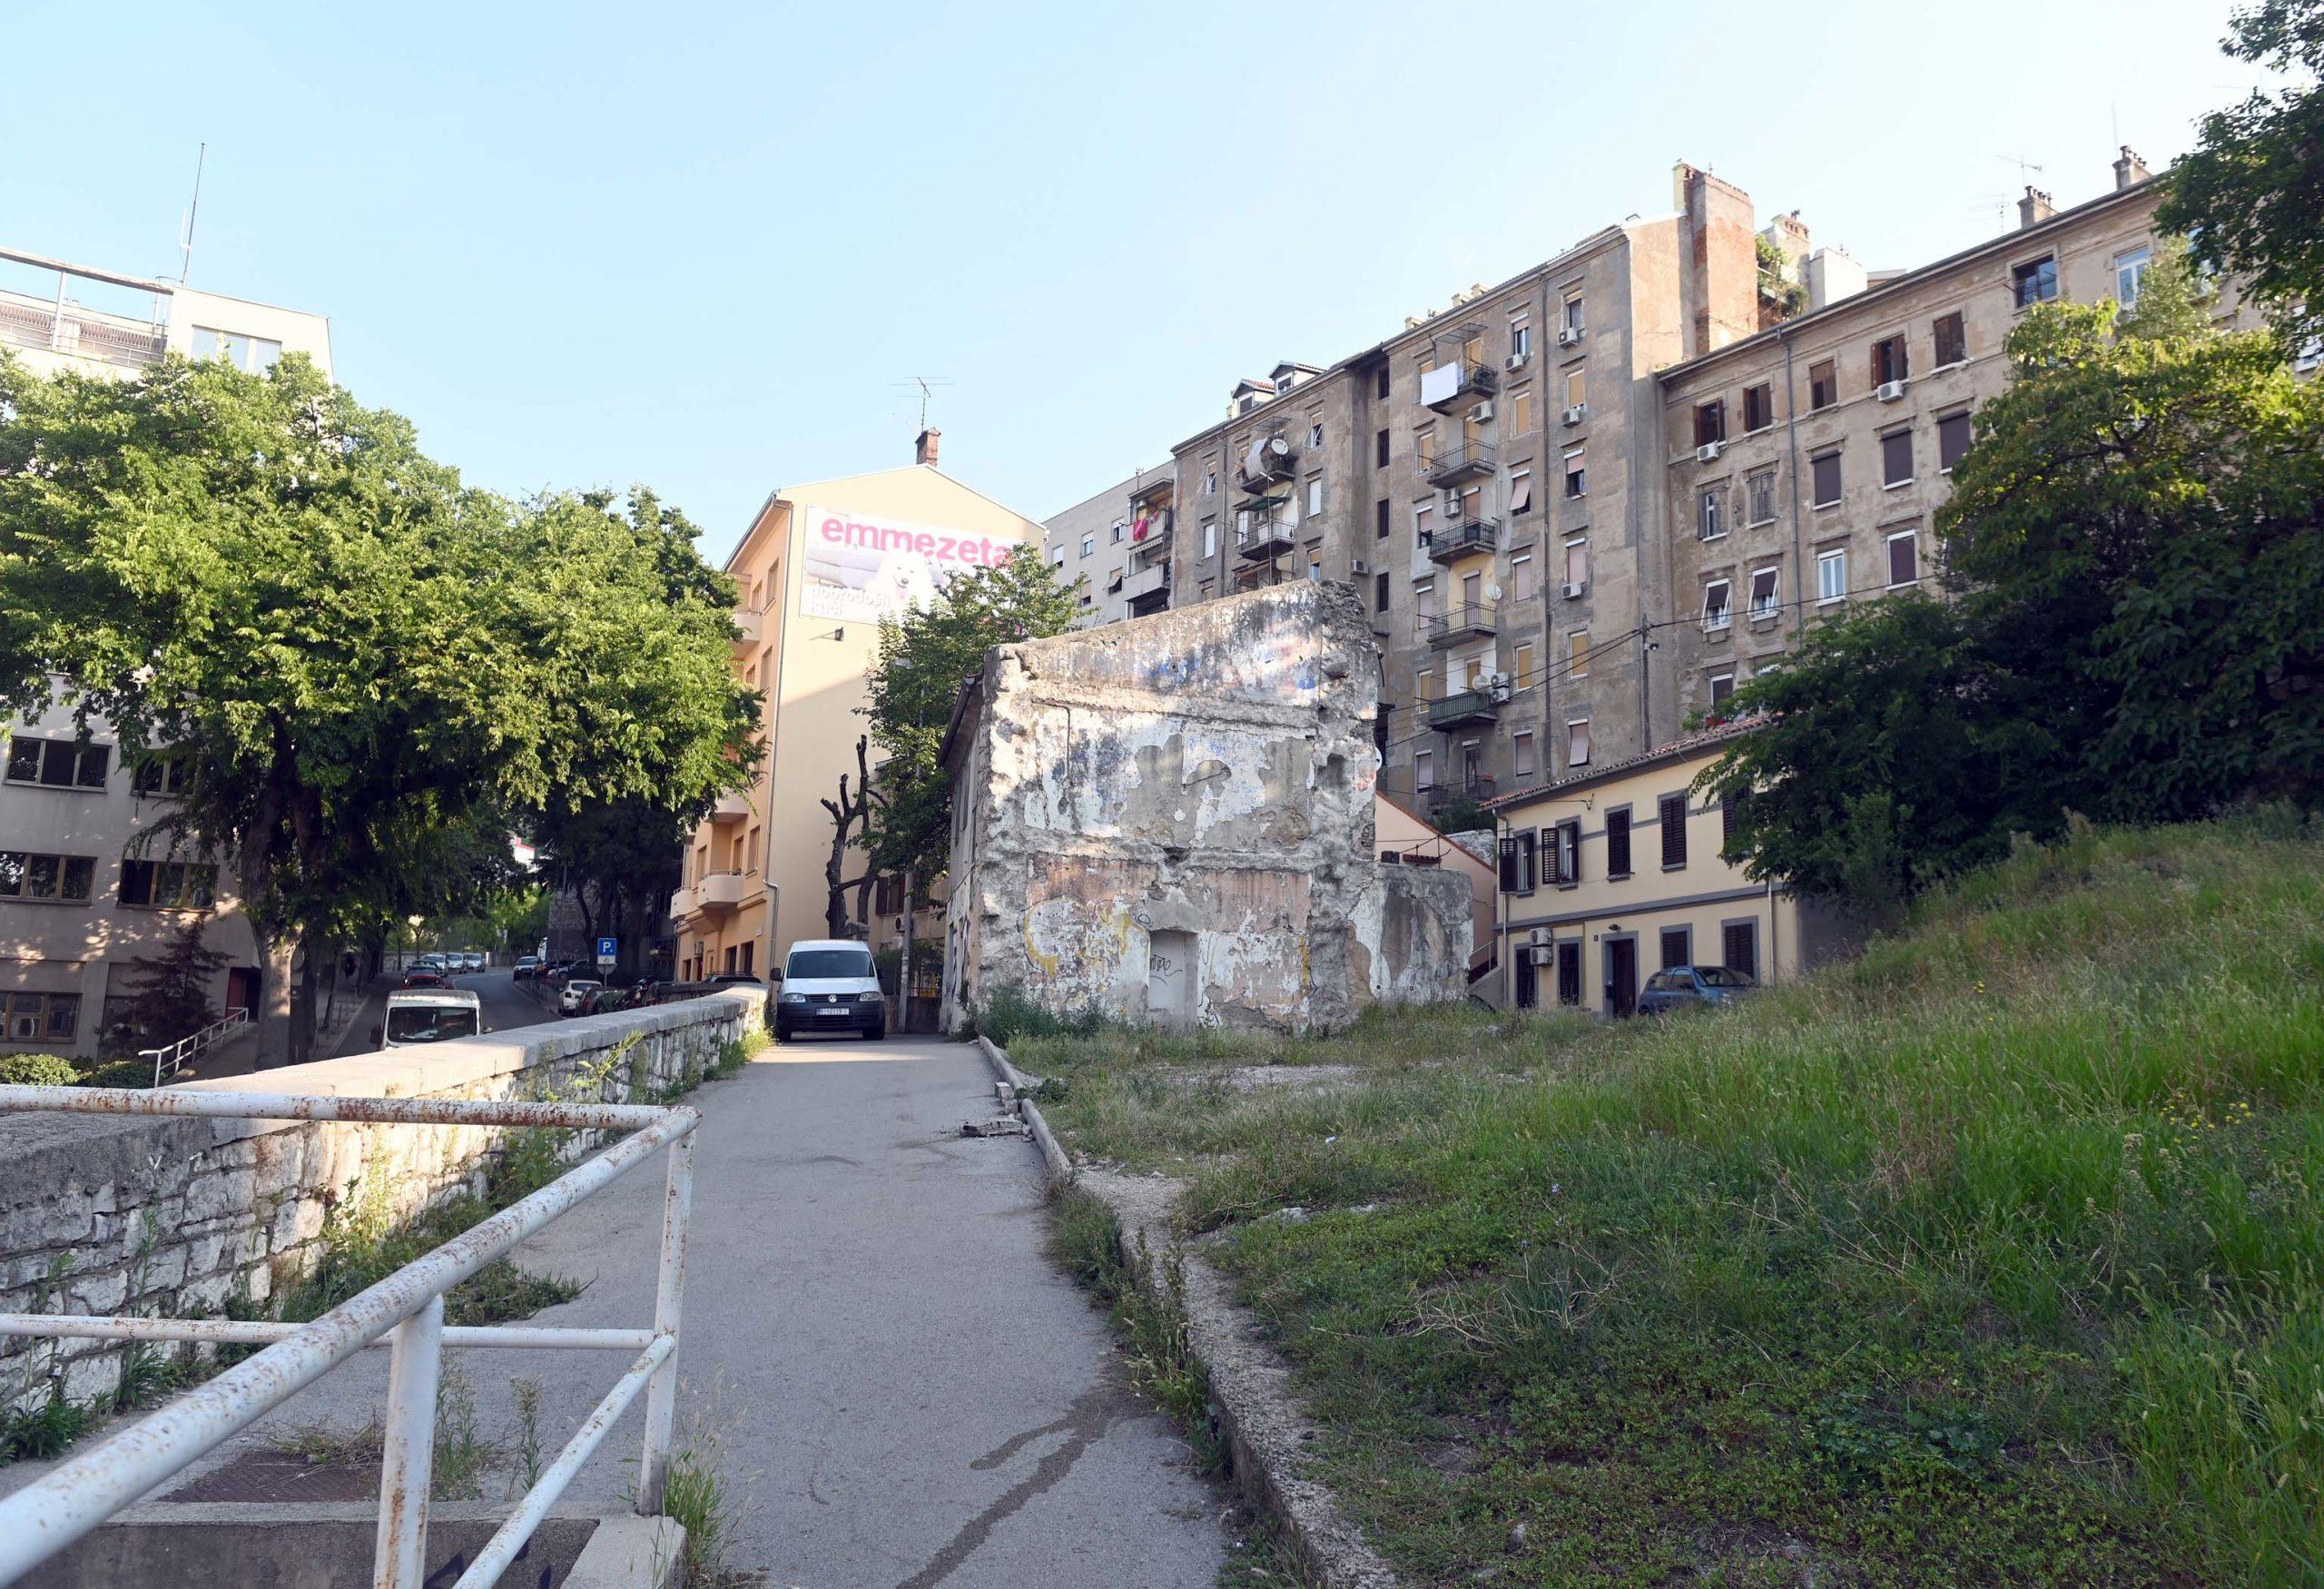 Procijenjena vrijednost radova uklanjanja zgrade te čišćenja prostora i grubog niveliranja je 120.000 kuna / Snimio Vedran KARUZA